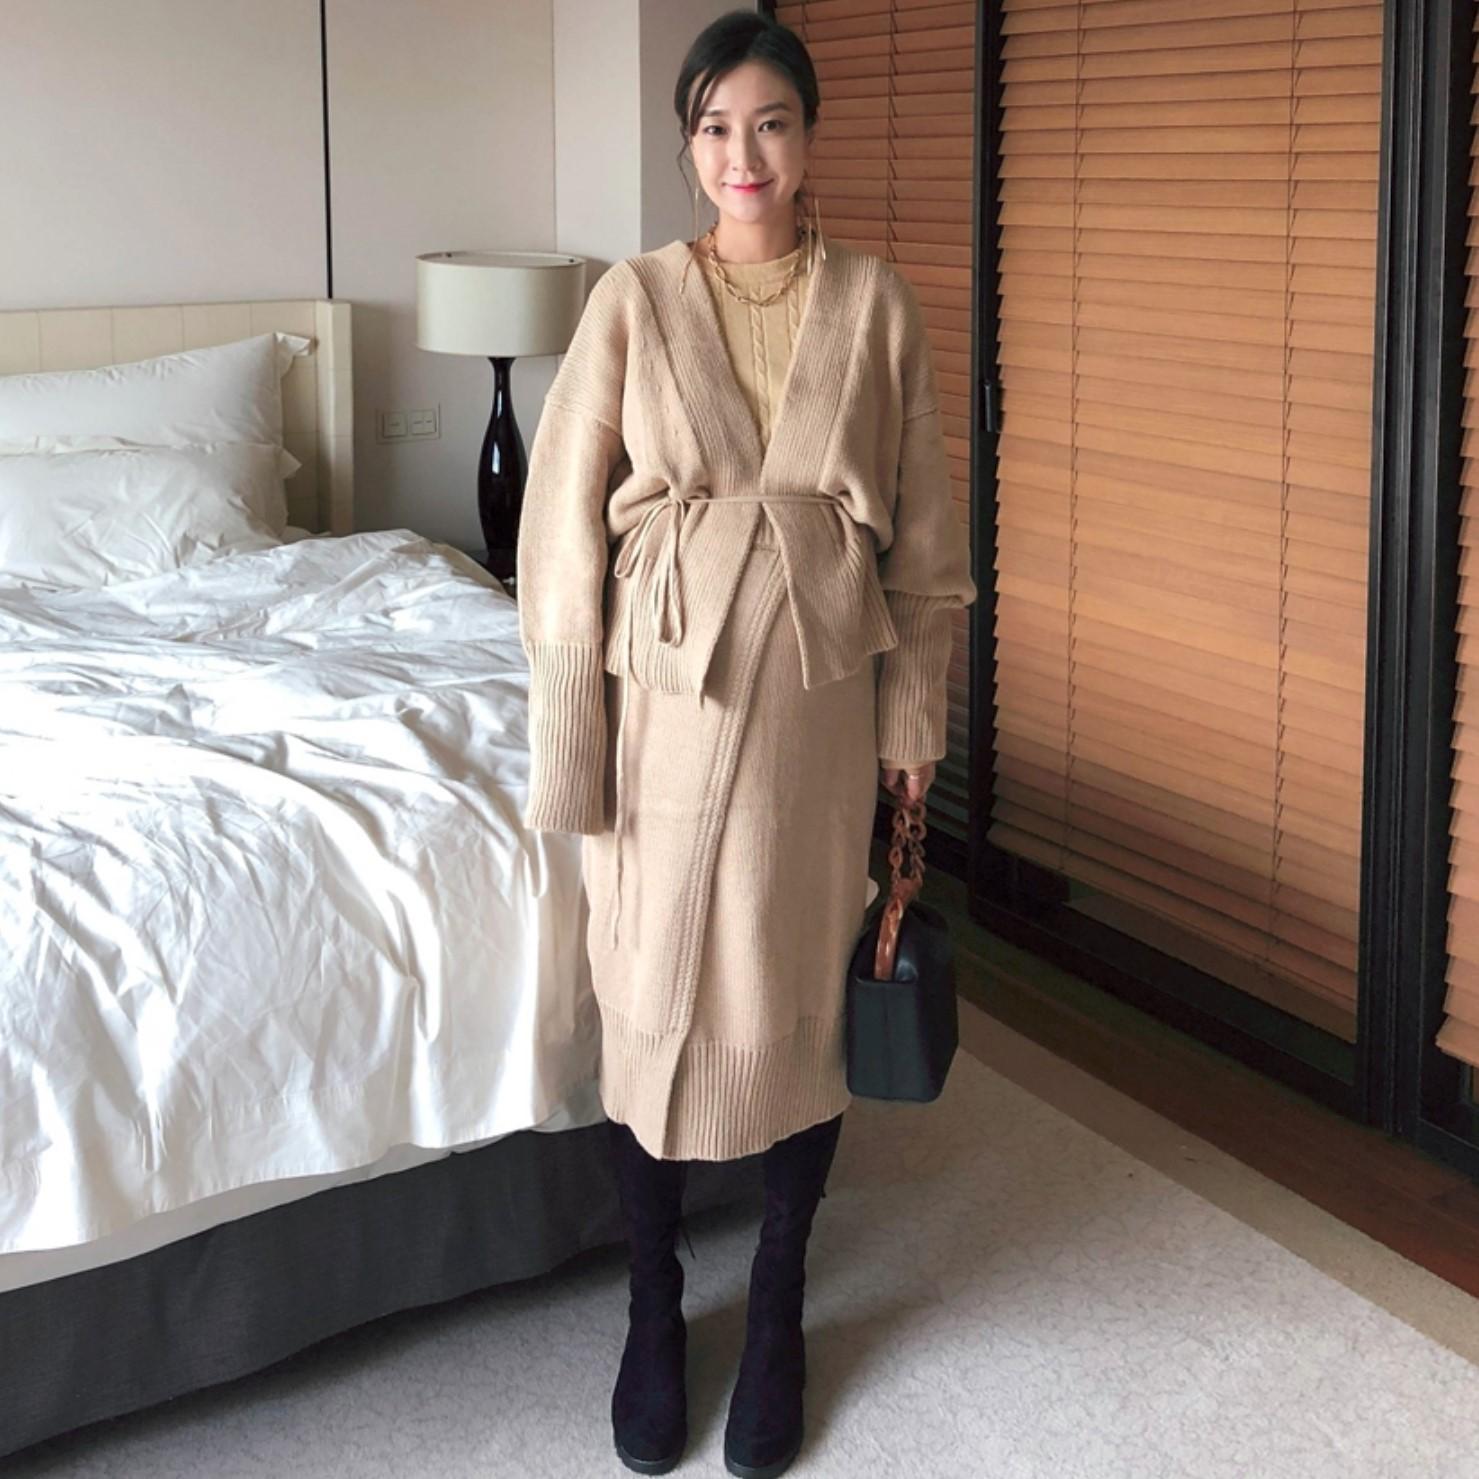 官网验证ssongbyssong正品代购韩国直发 优雅针织开衫半身裙套装